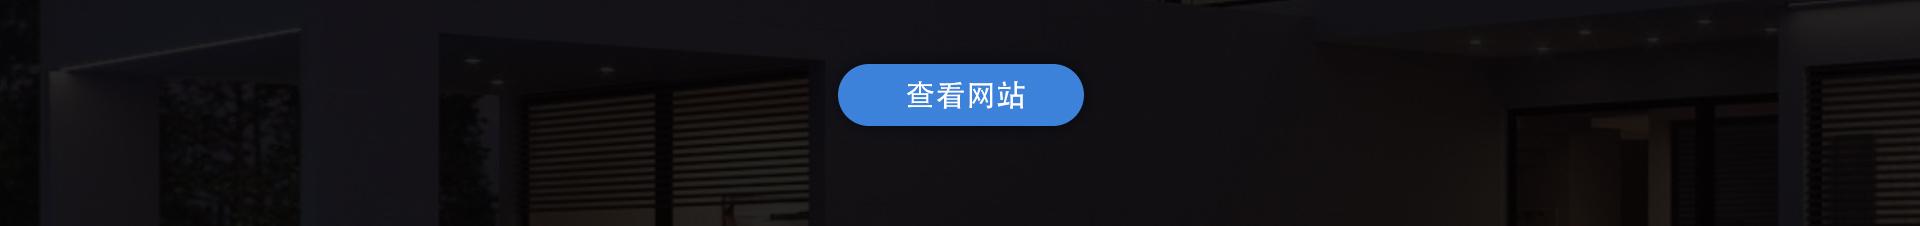 李梦-李梦-CHX_02